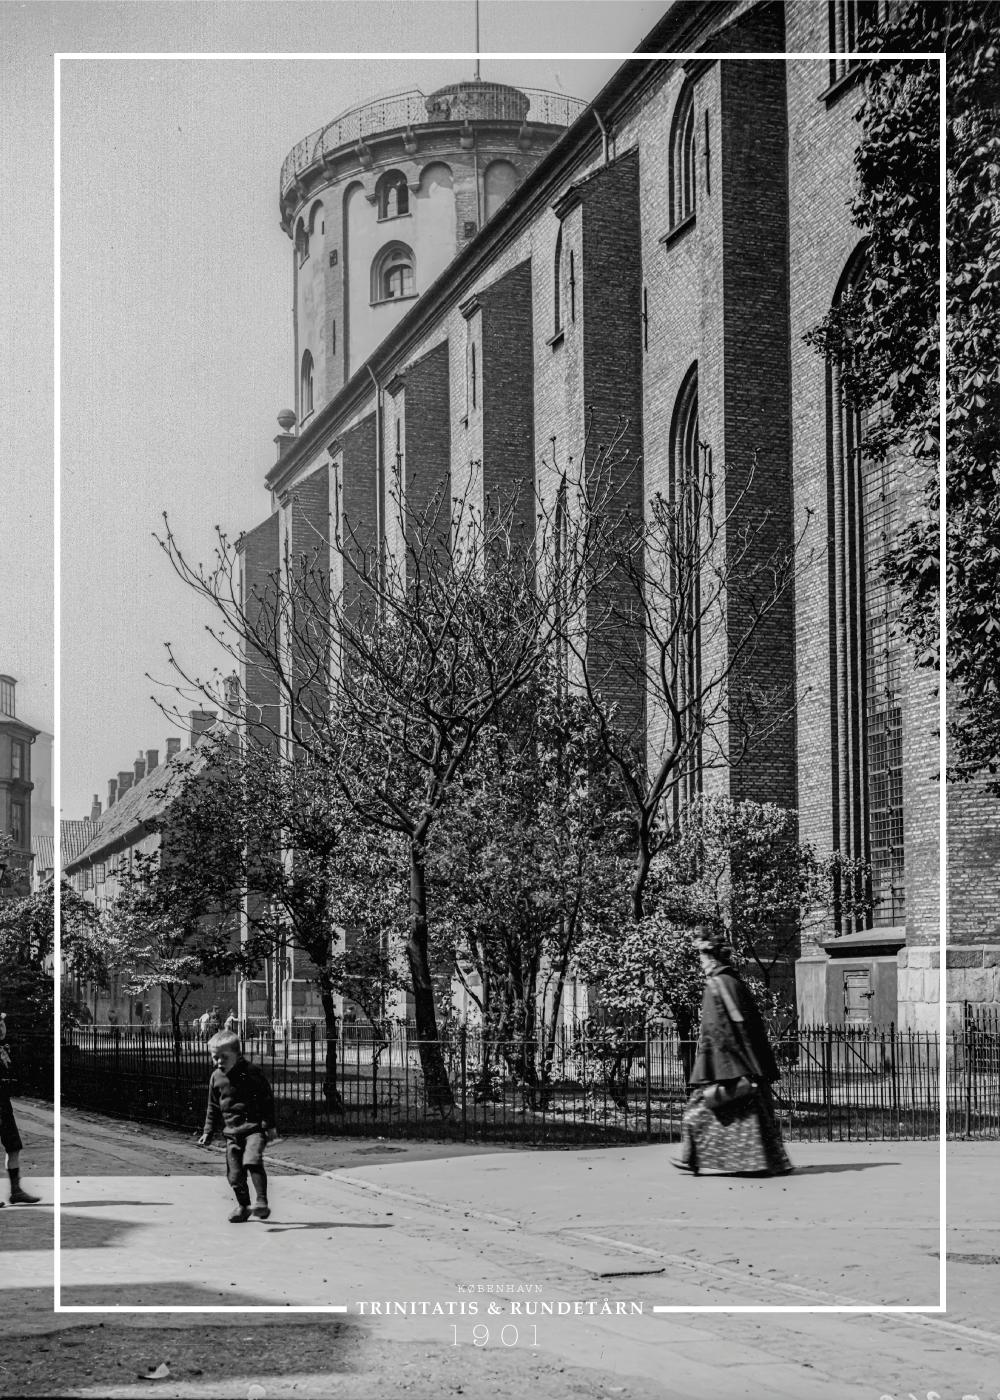 Køb Trinitatis & Rundetårn – Gamle billeder af København plakat